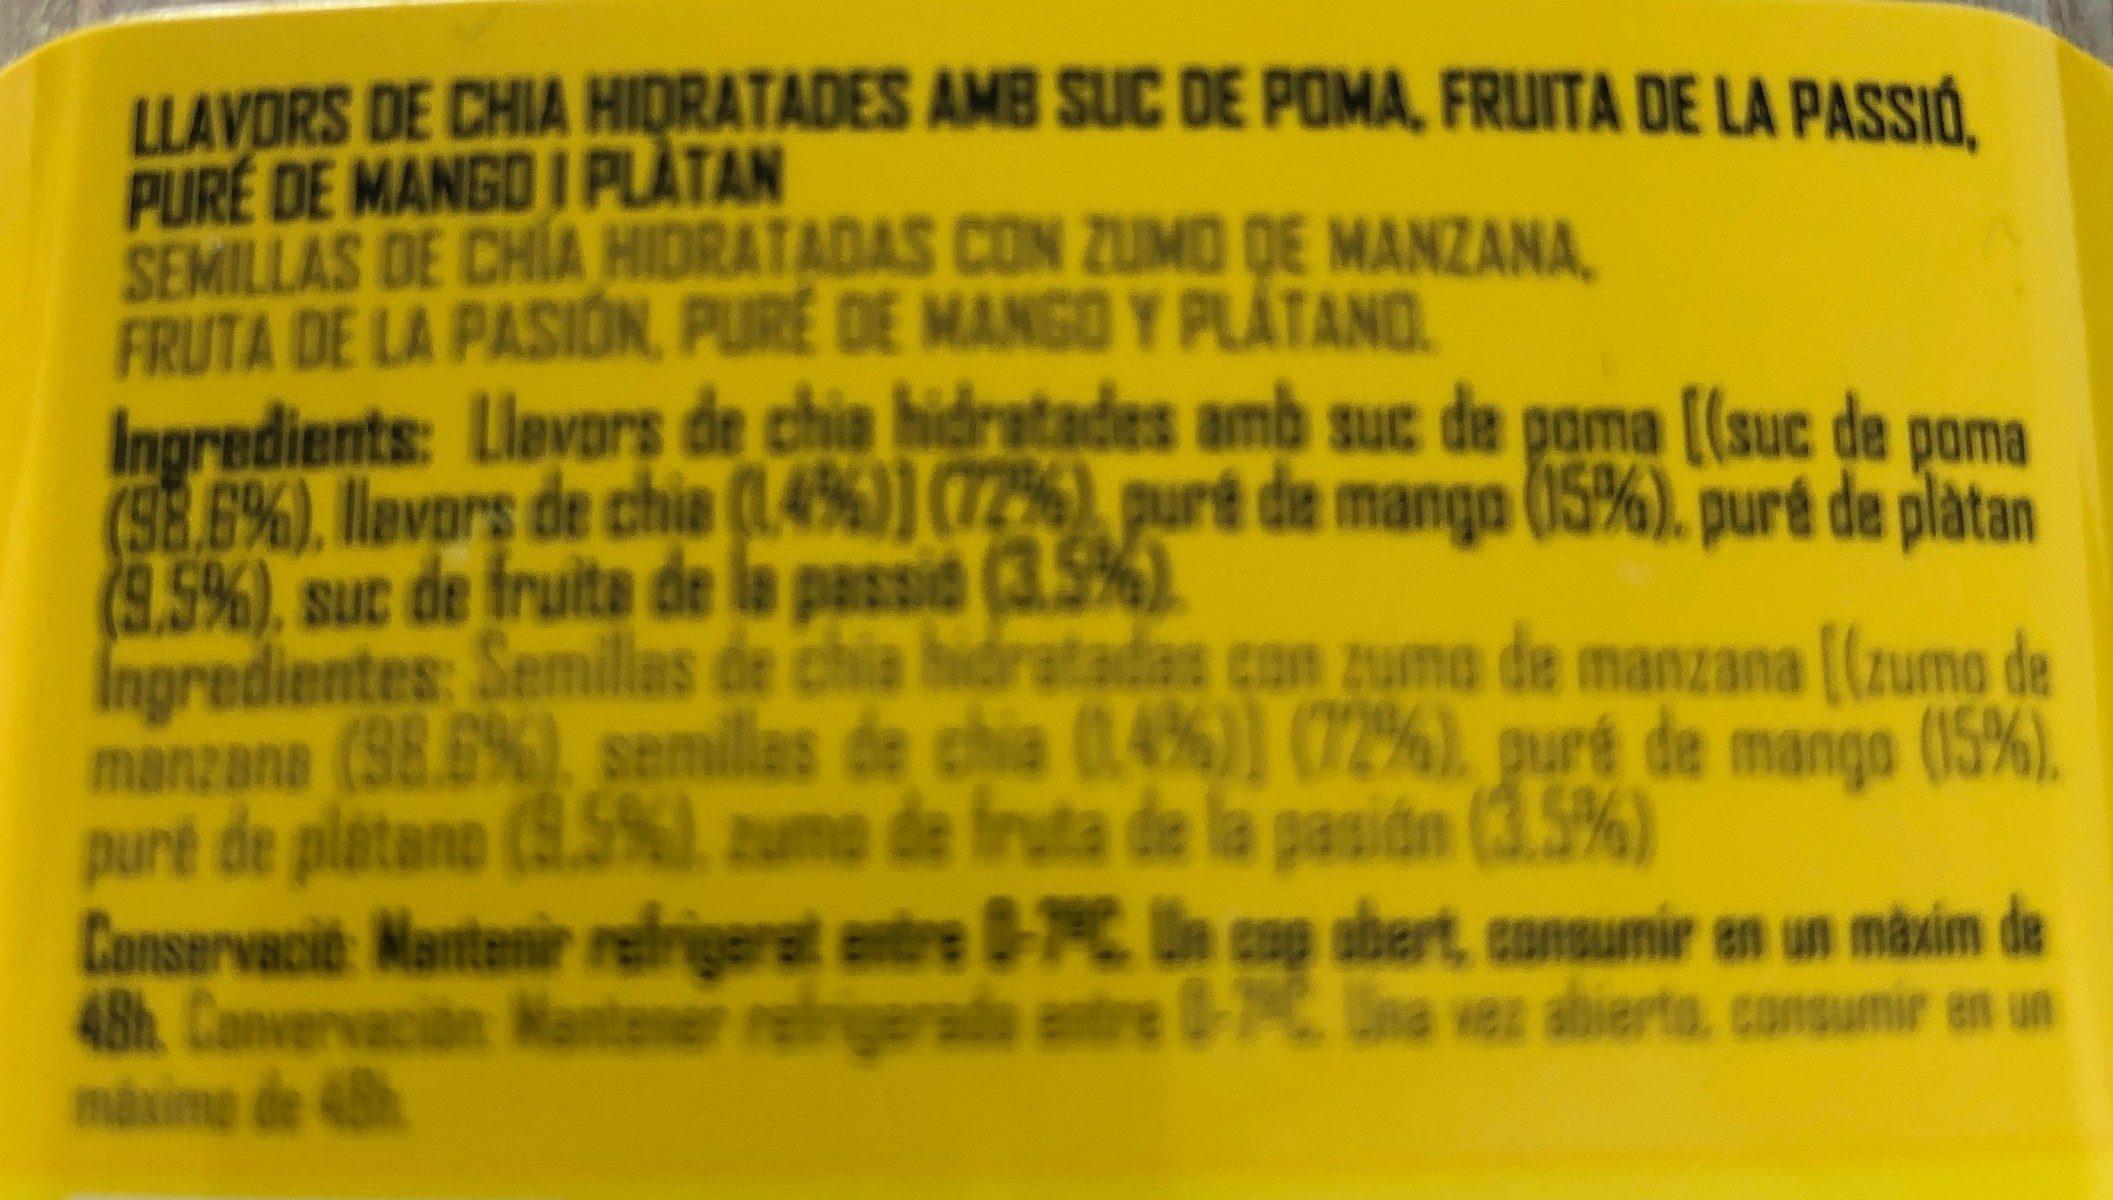 Cuida't Tropical - Ingrédients